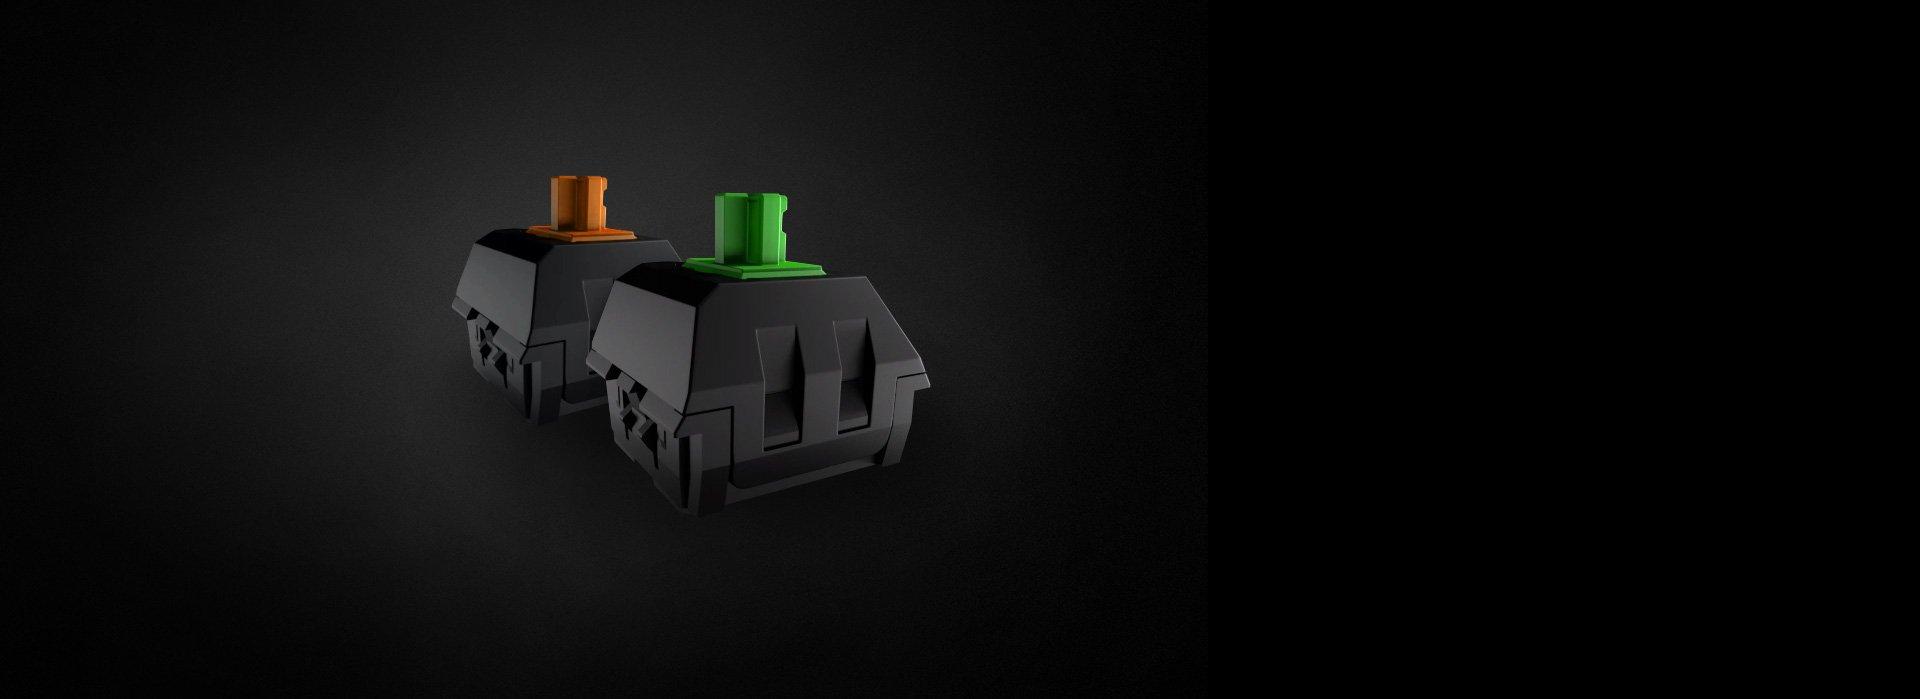 Bàn phím cơ Razer BlackWidow Tournament Edition Chroma (RZ03-01430200-R3M1)  sử dụng switch độc quyền của Razer